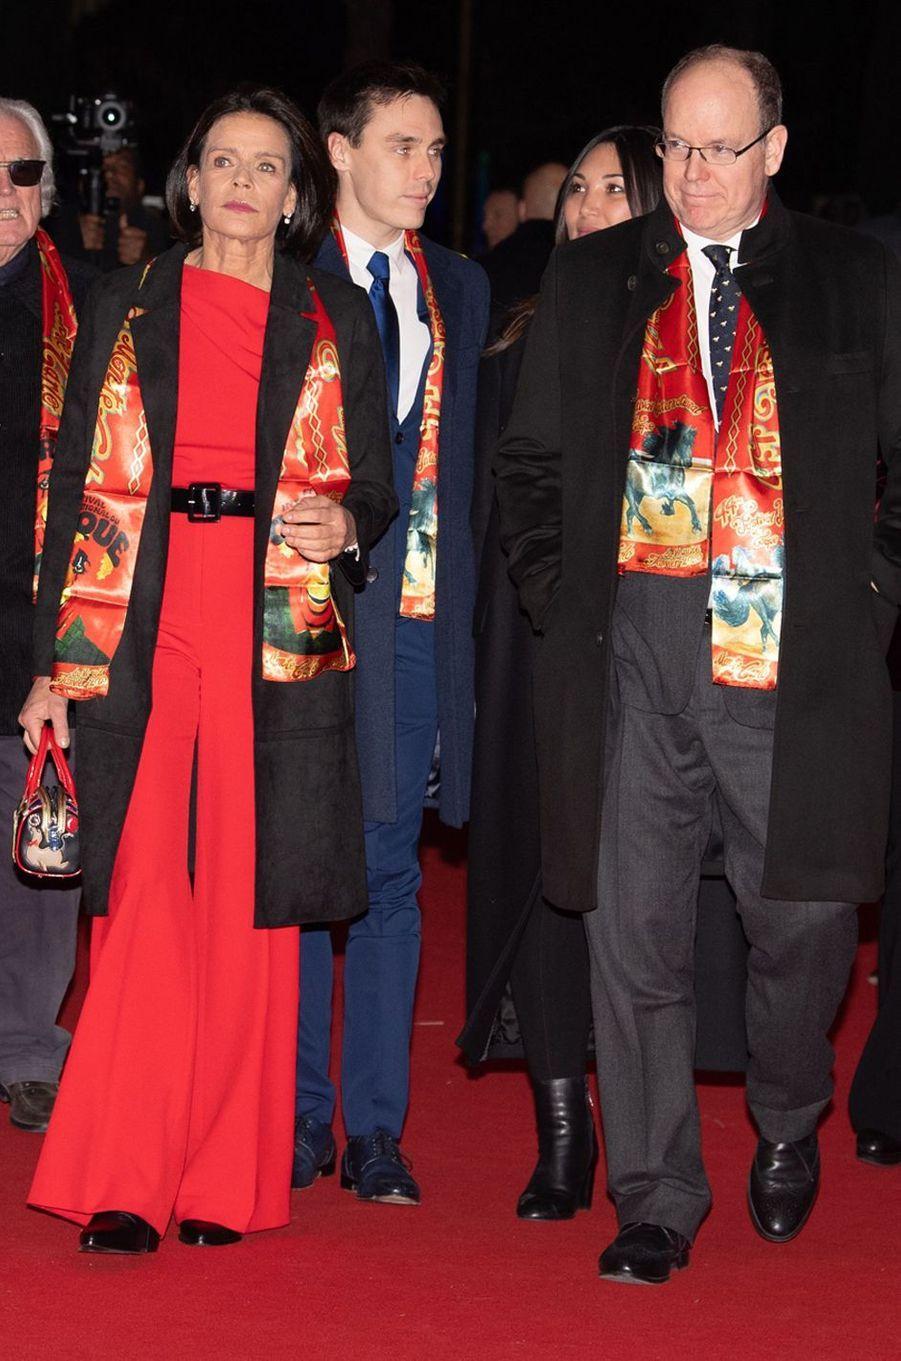 La princesse Stéphanie de Monaco dans une combinaison pantalon rouge, 16 janvier 2020